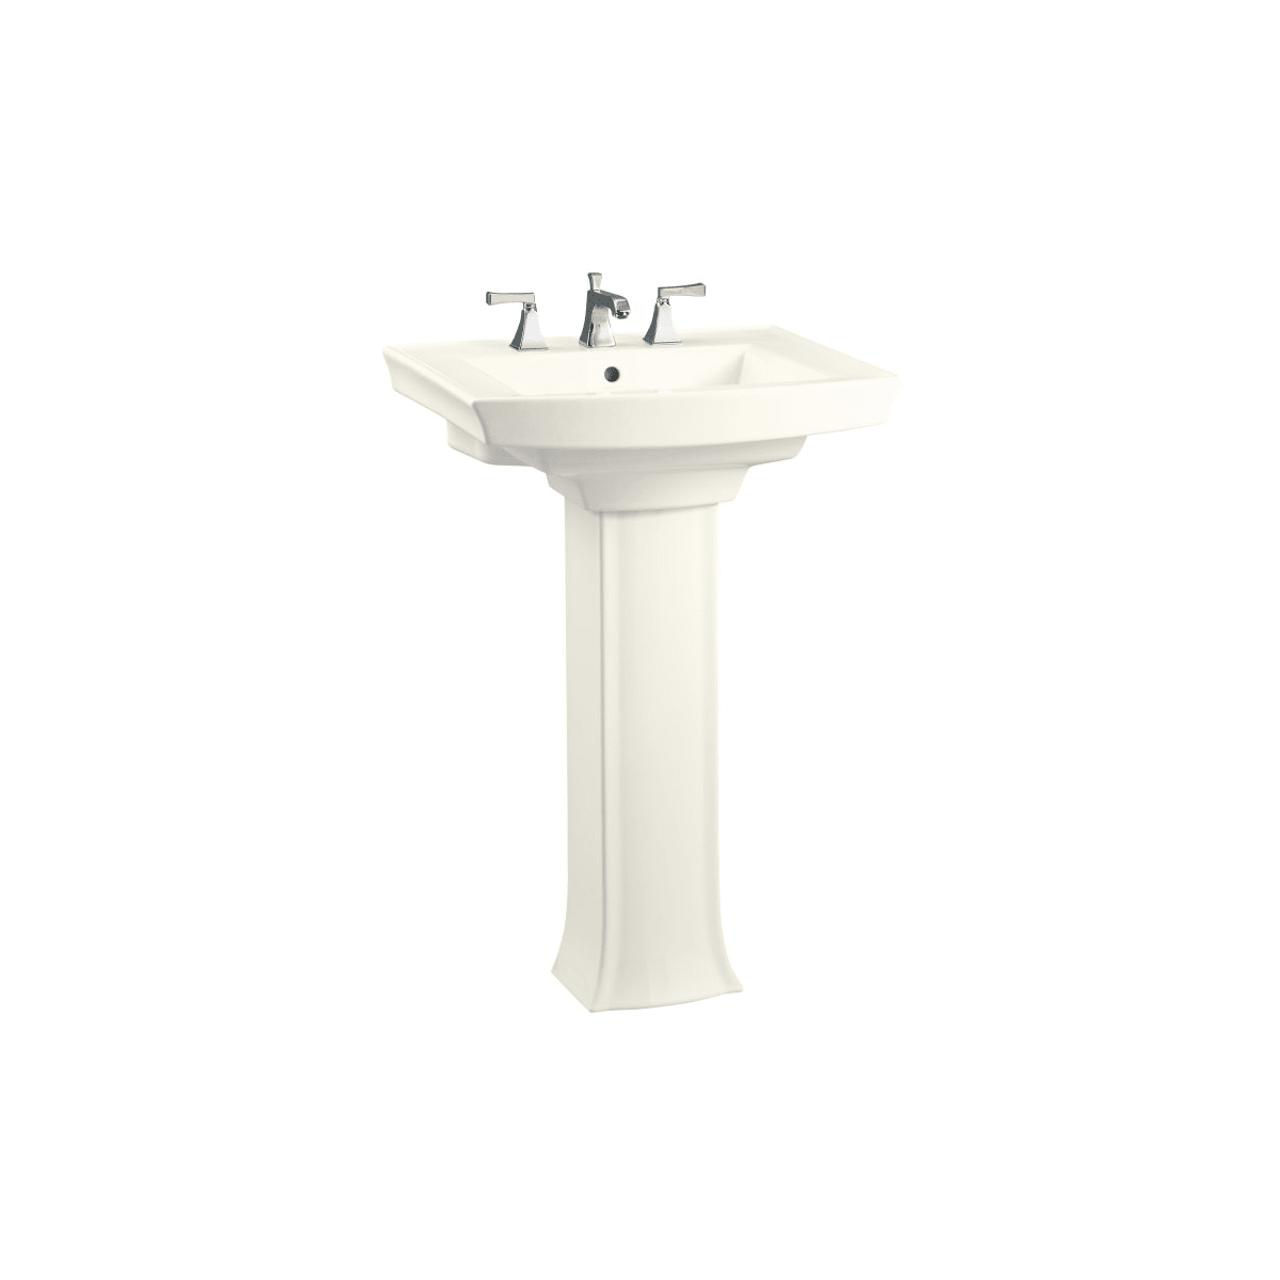 kohler archer 24 pedestal lavatory with single hole faucet drilling